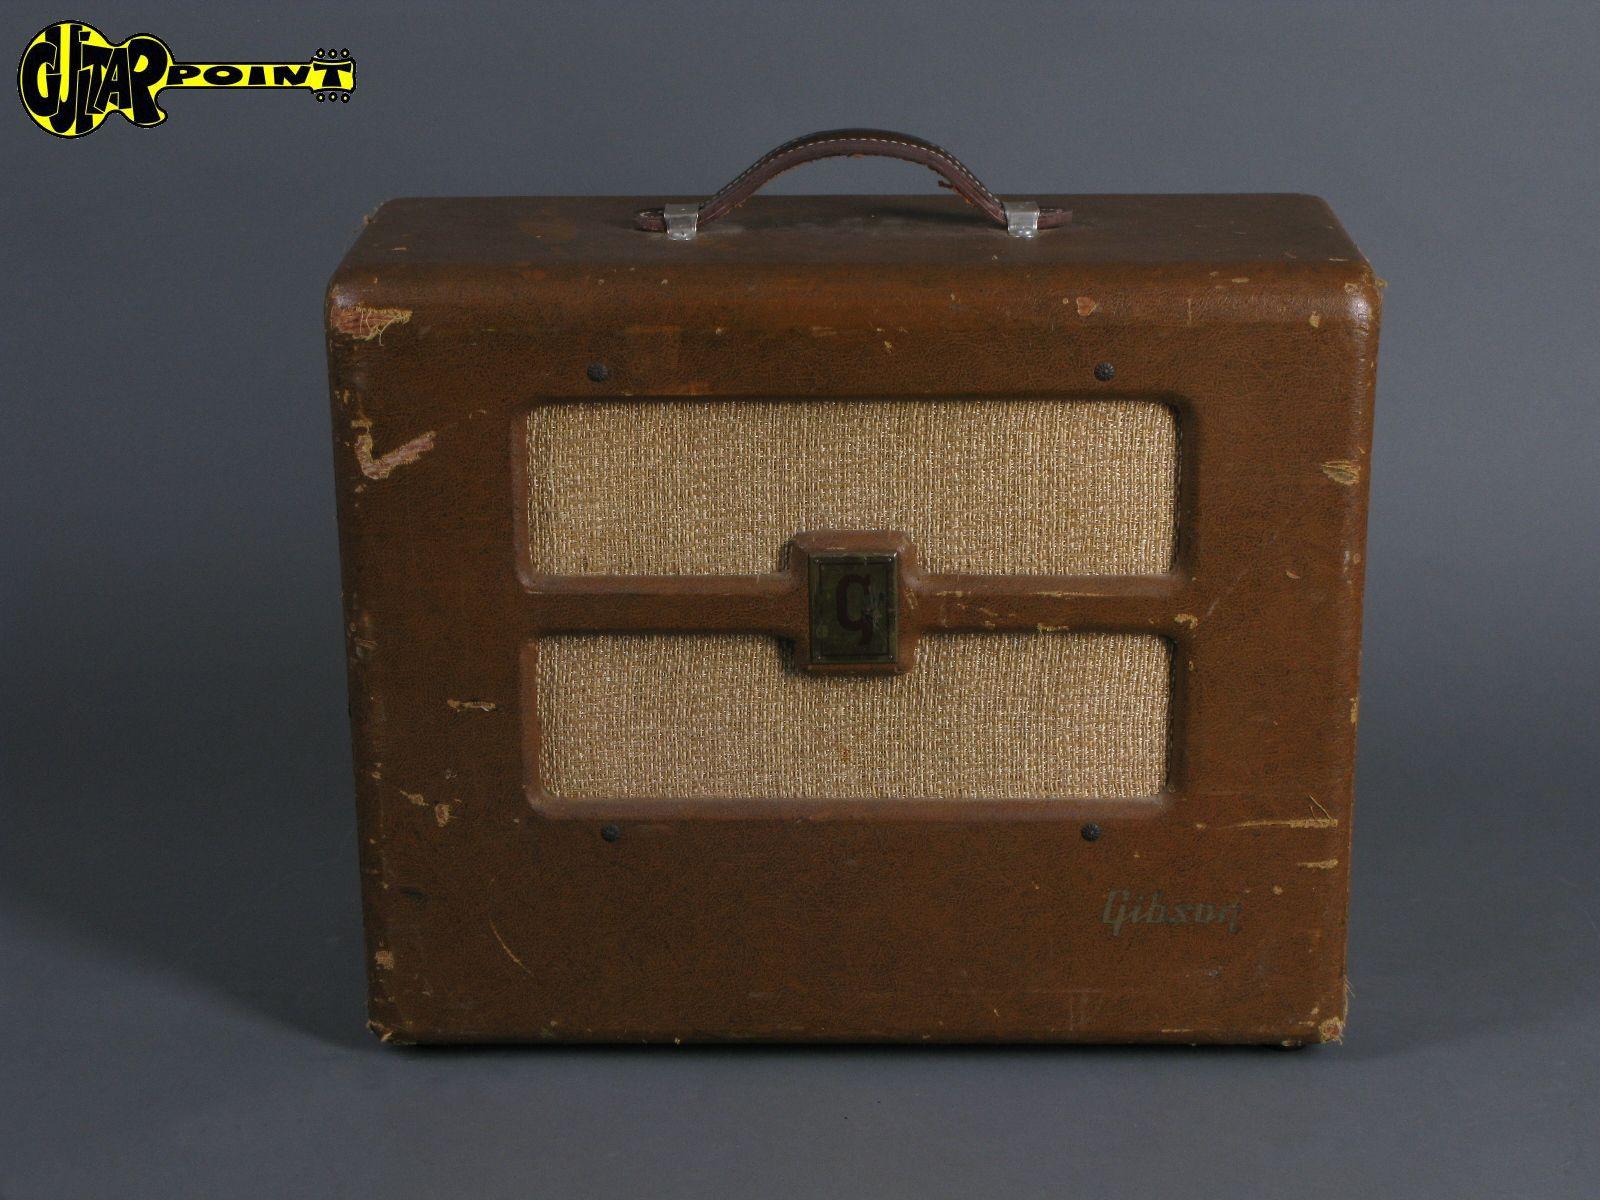 1949 Gibson BR-6 Tube Amplifier - 10 Watt!